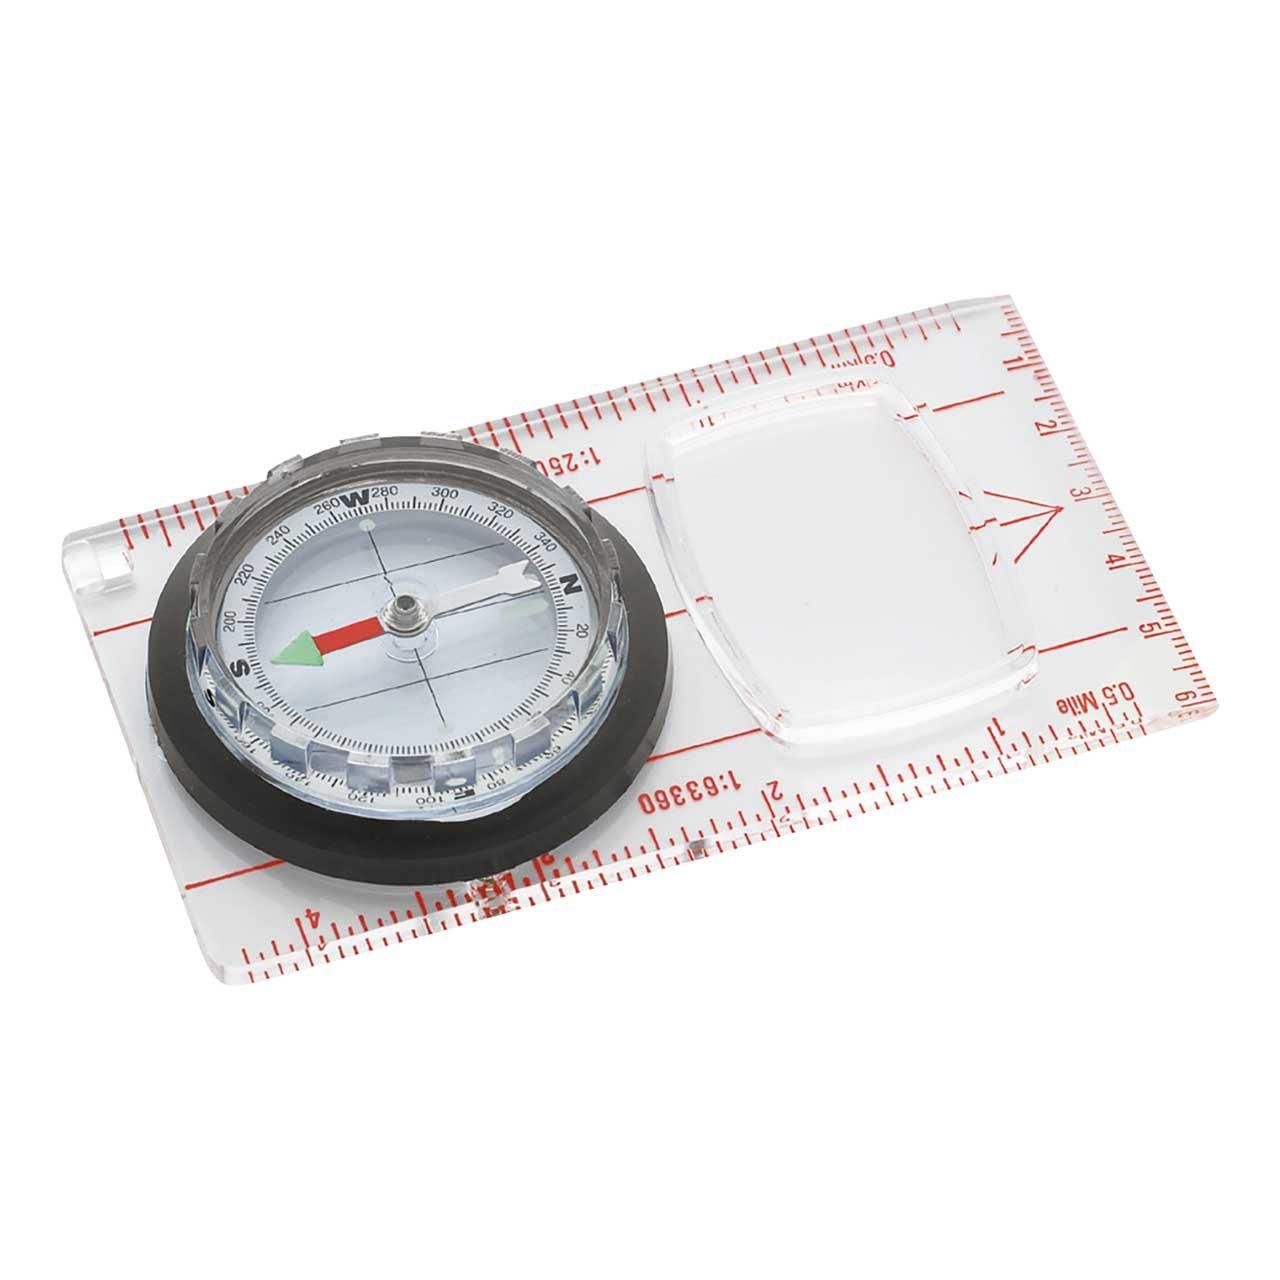 Kompass, mit Lupe